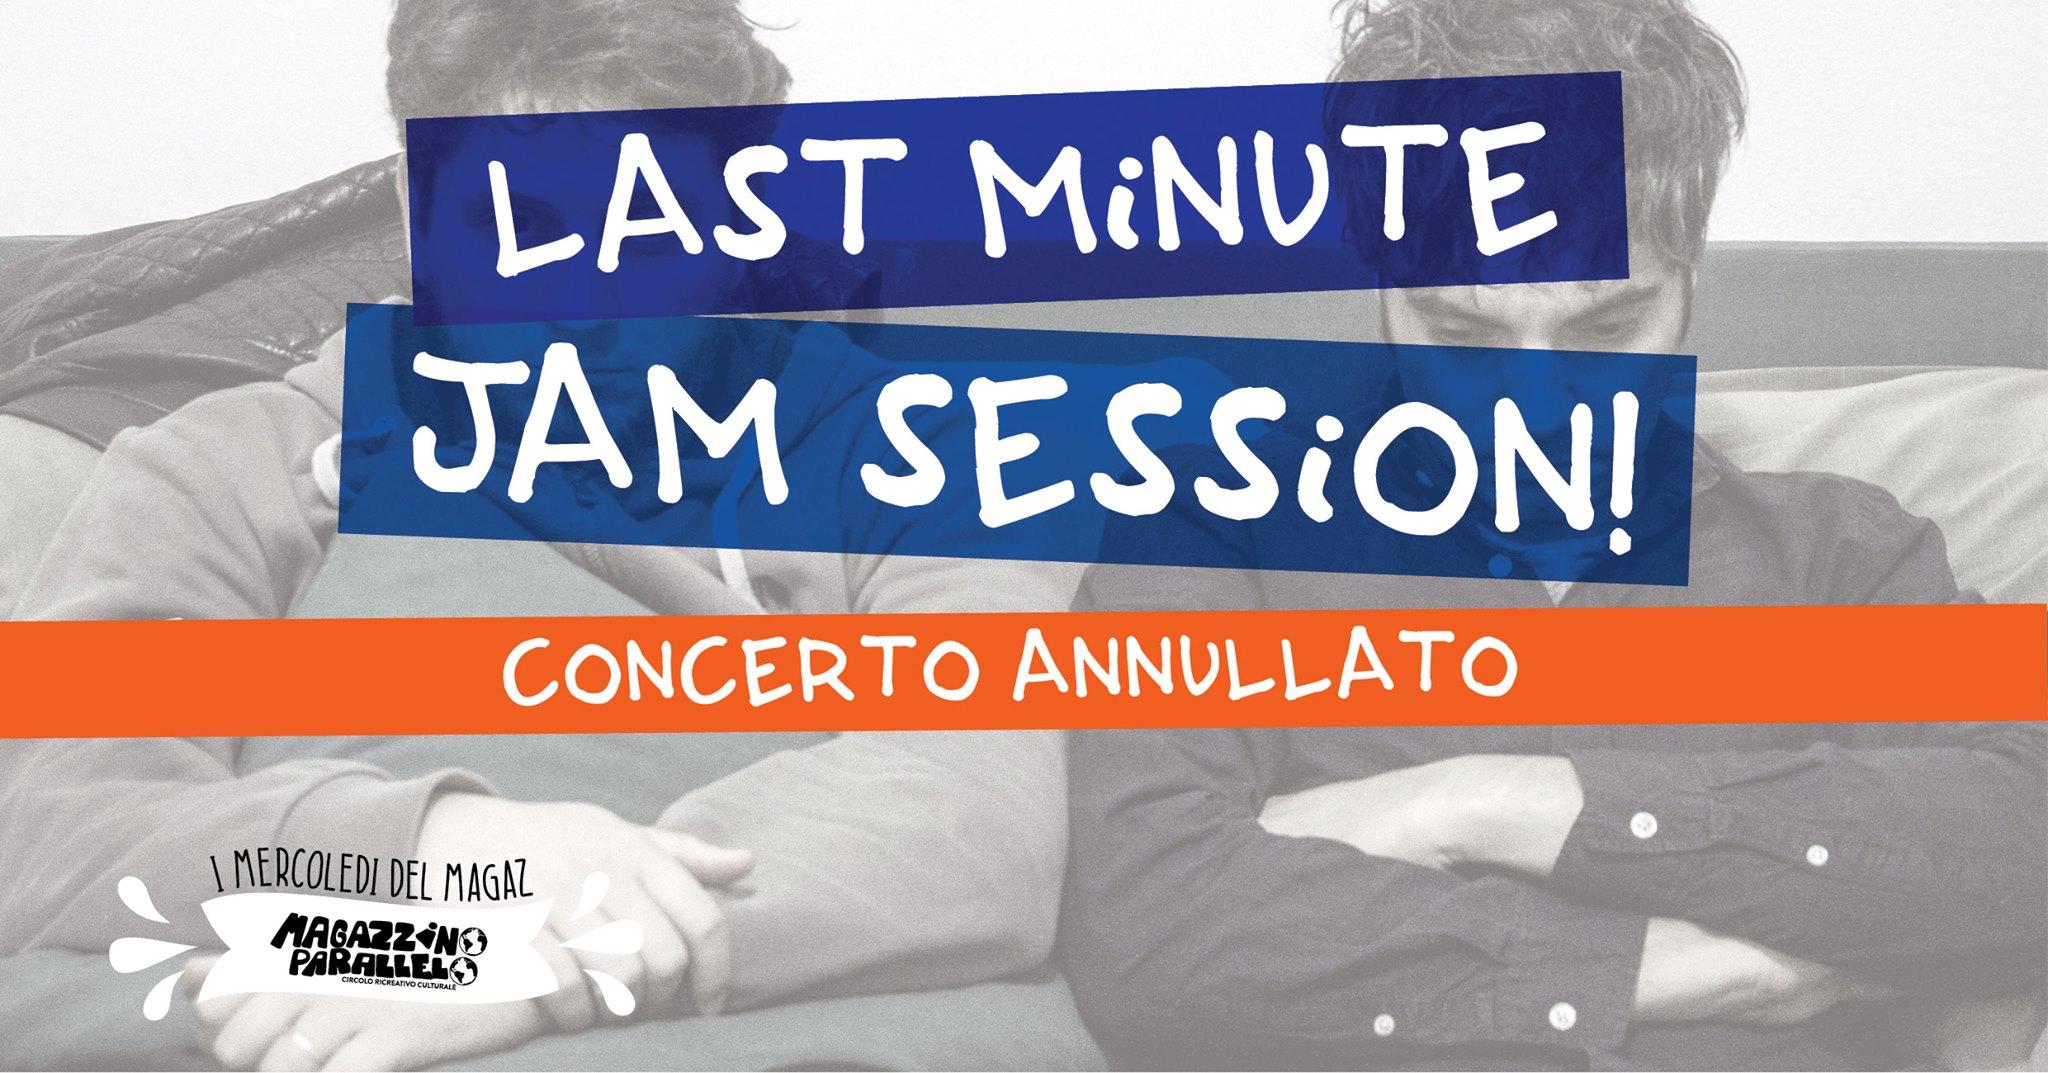 ✱ Last Minute JAM! ✱ Formazione Minima ↤ annullato ⌁ at Magazz